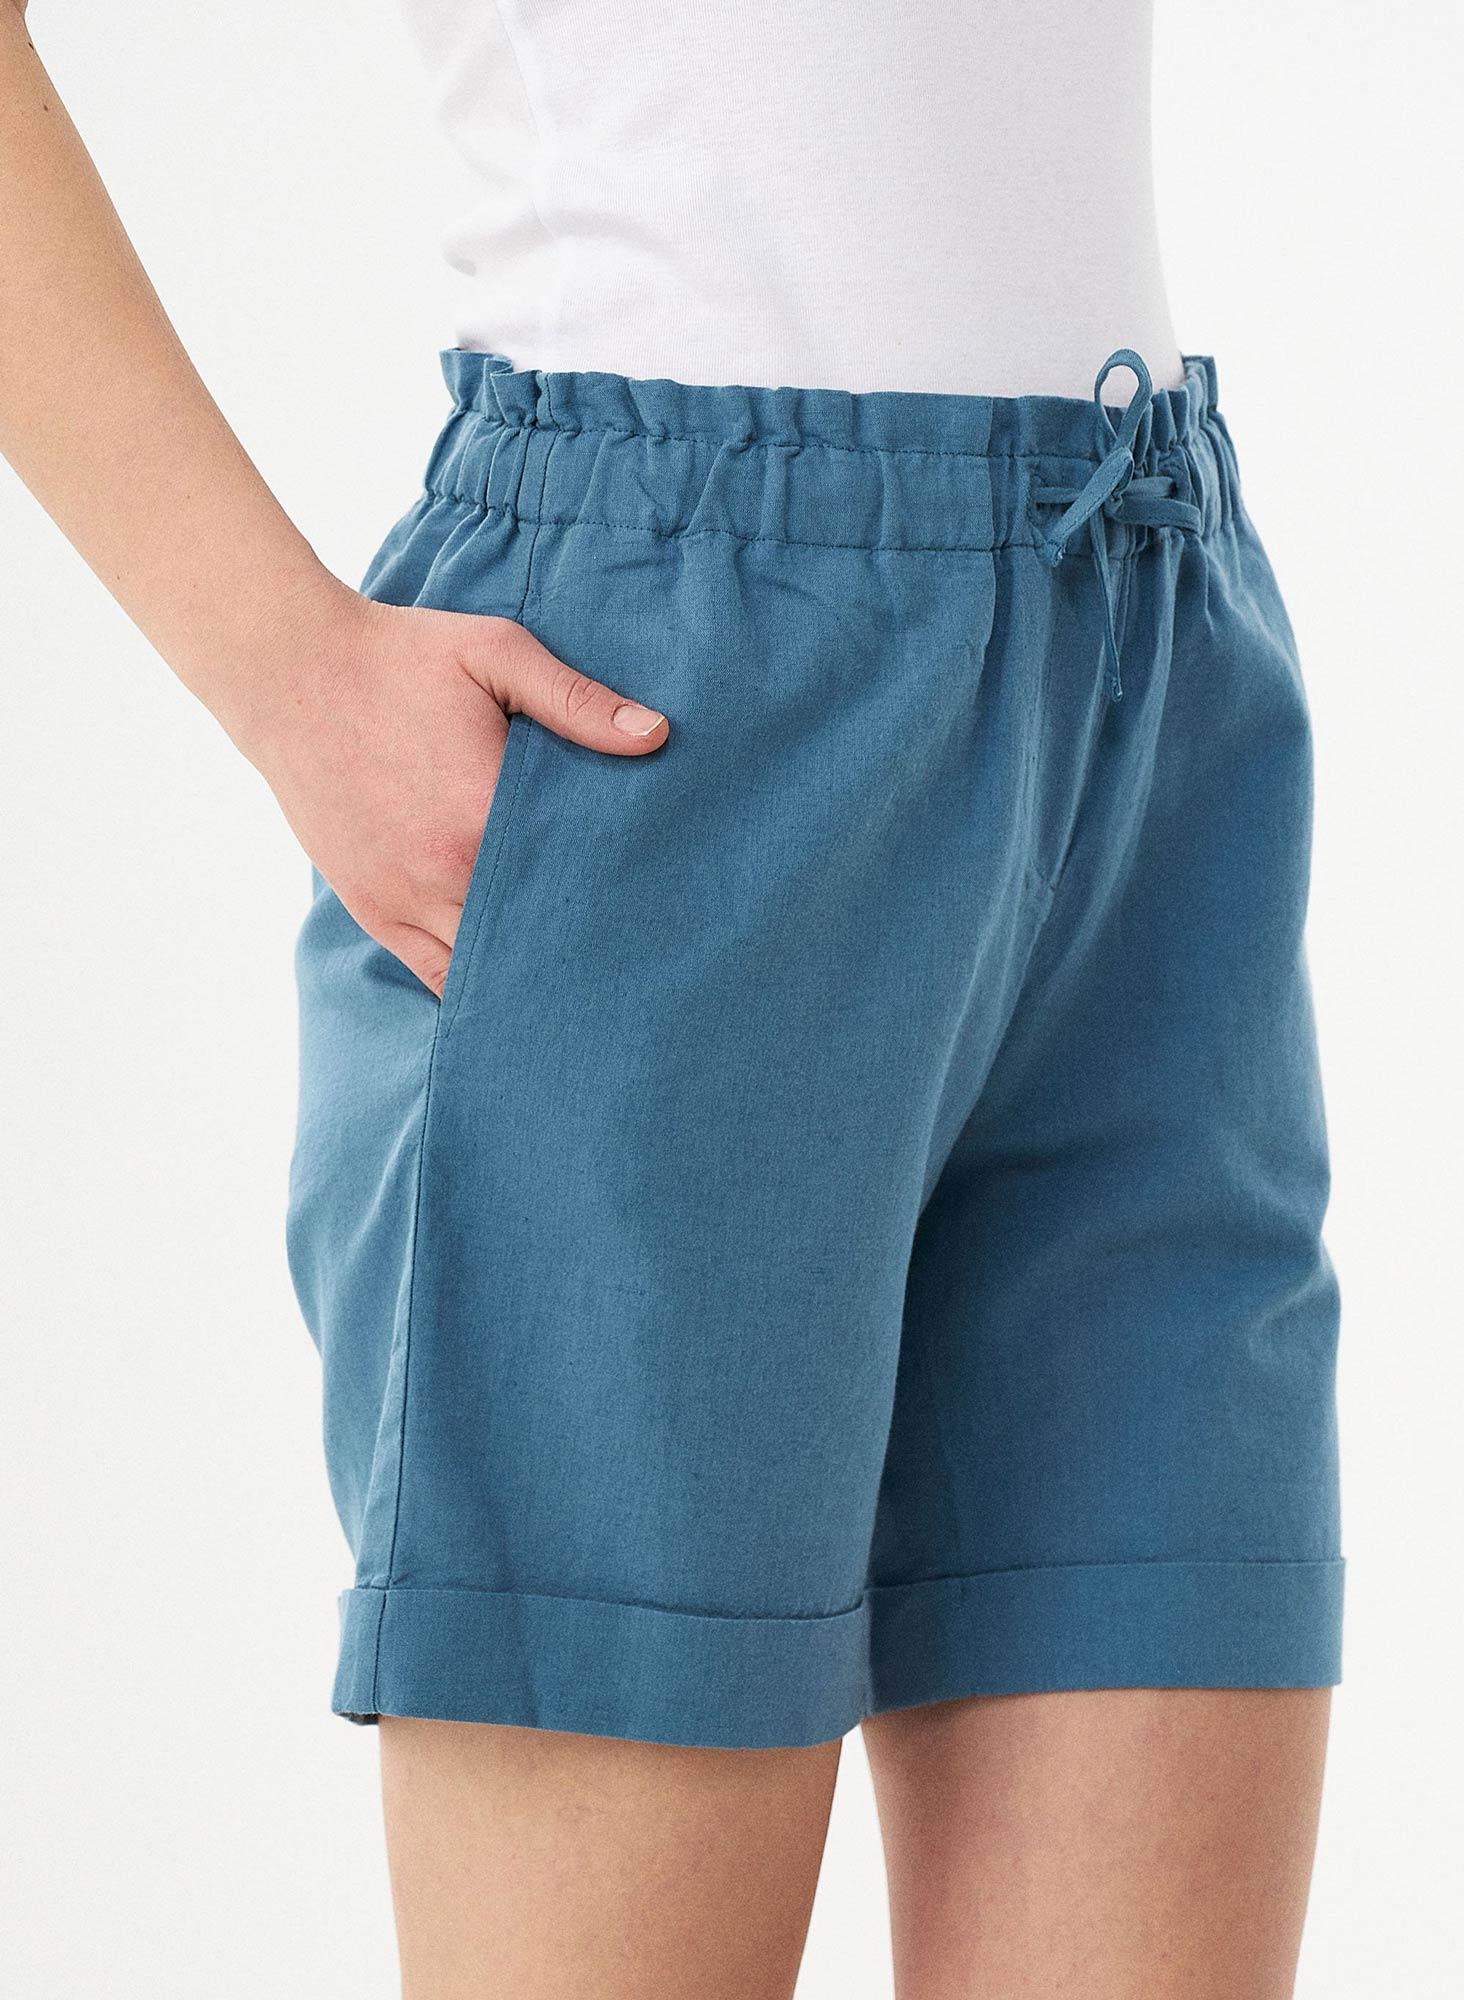 wor11599-Petrol-Blue-nachhaltige-Damen-Shorts-Leinen-Bio-Baumwolleumgekraempelte-Beine-elastischer-H-ftbund-Seitentaschen